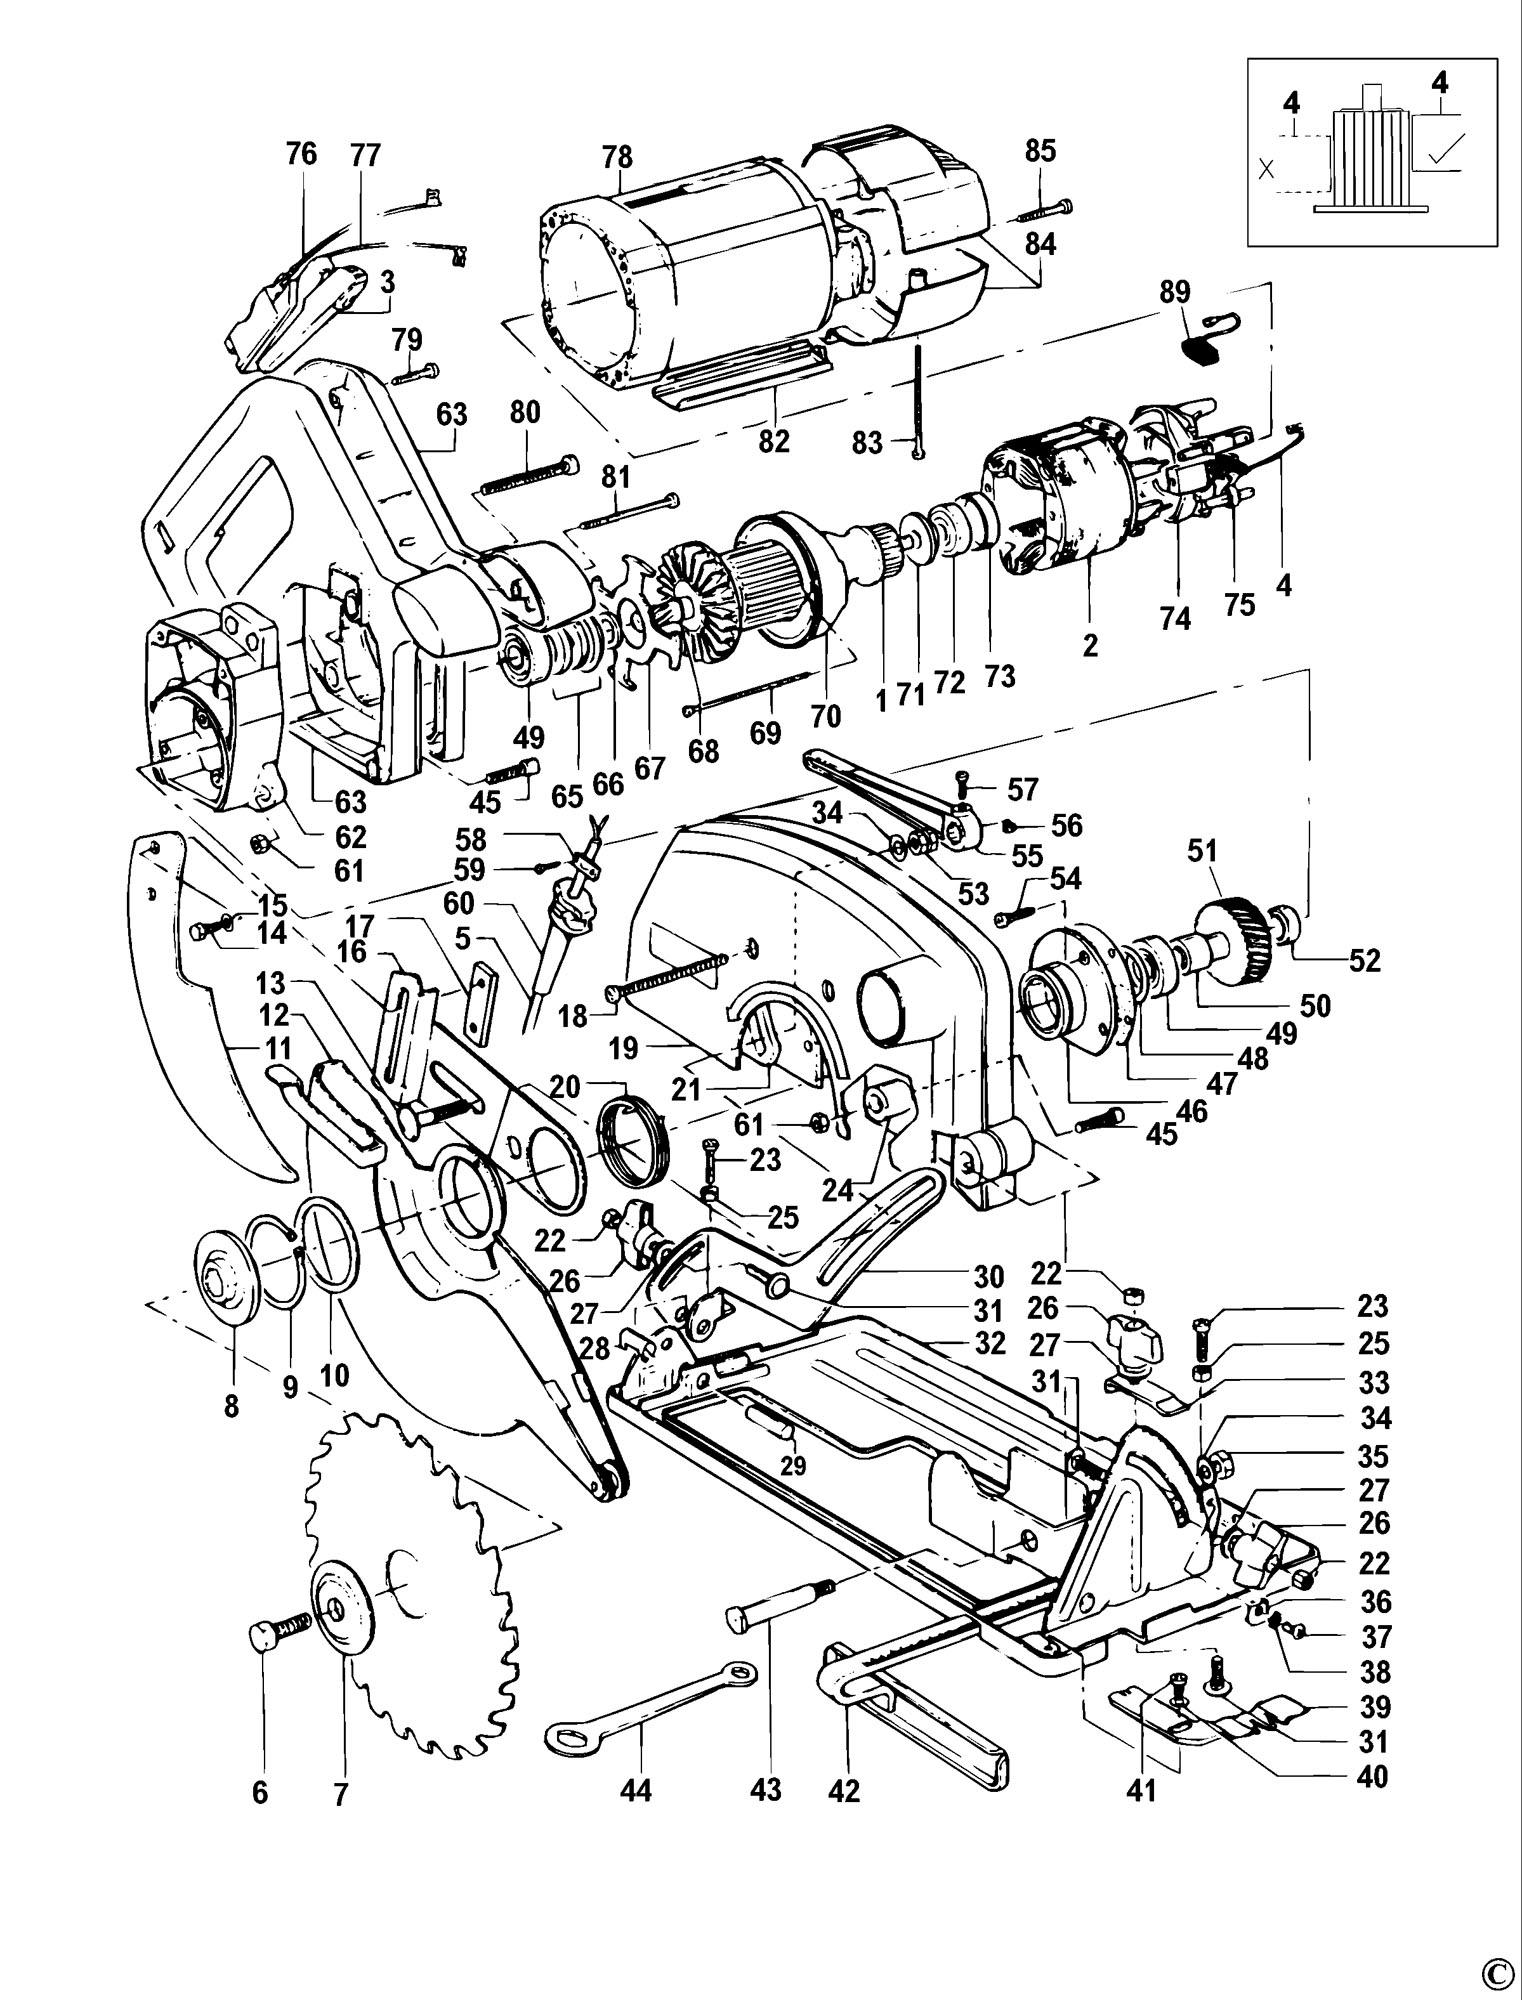 Spares For Dewalt Dw383 Circular Saw Type 1 Spare Dw383